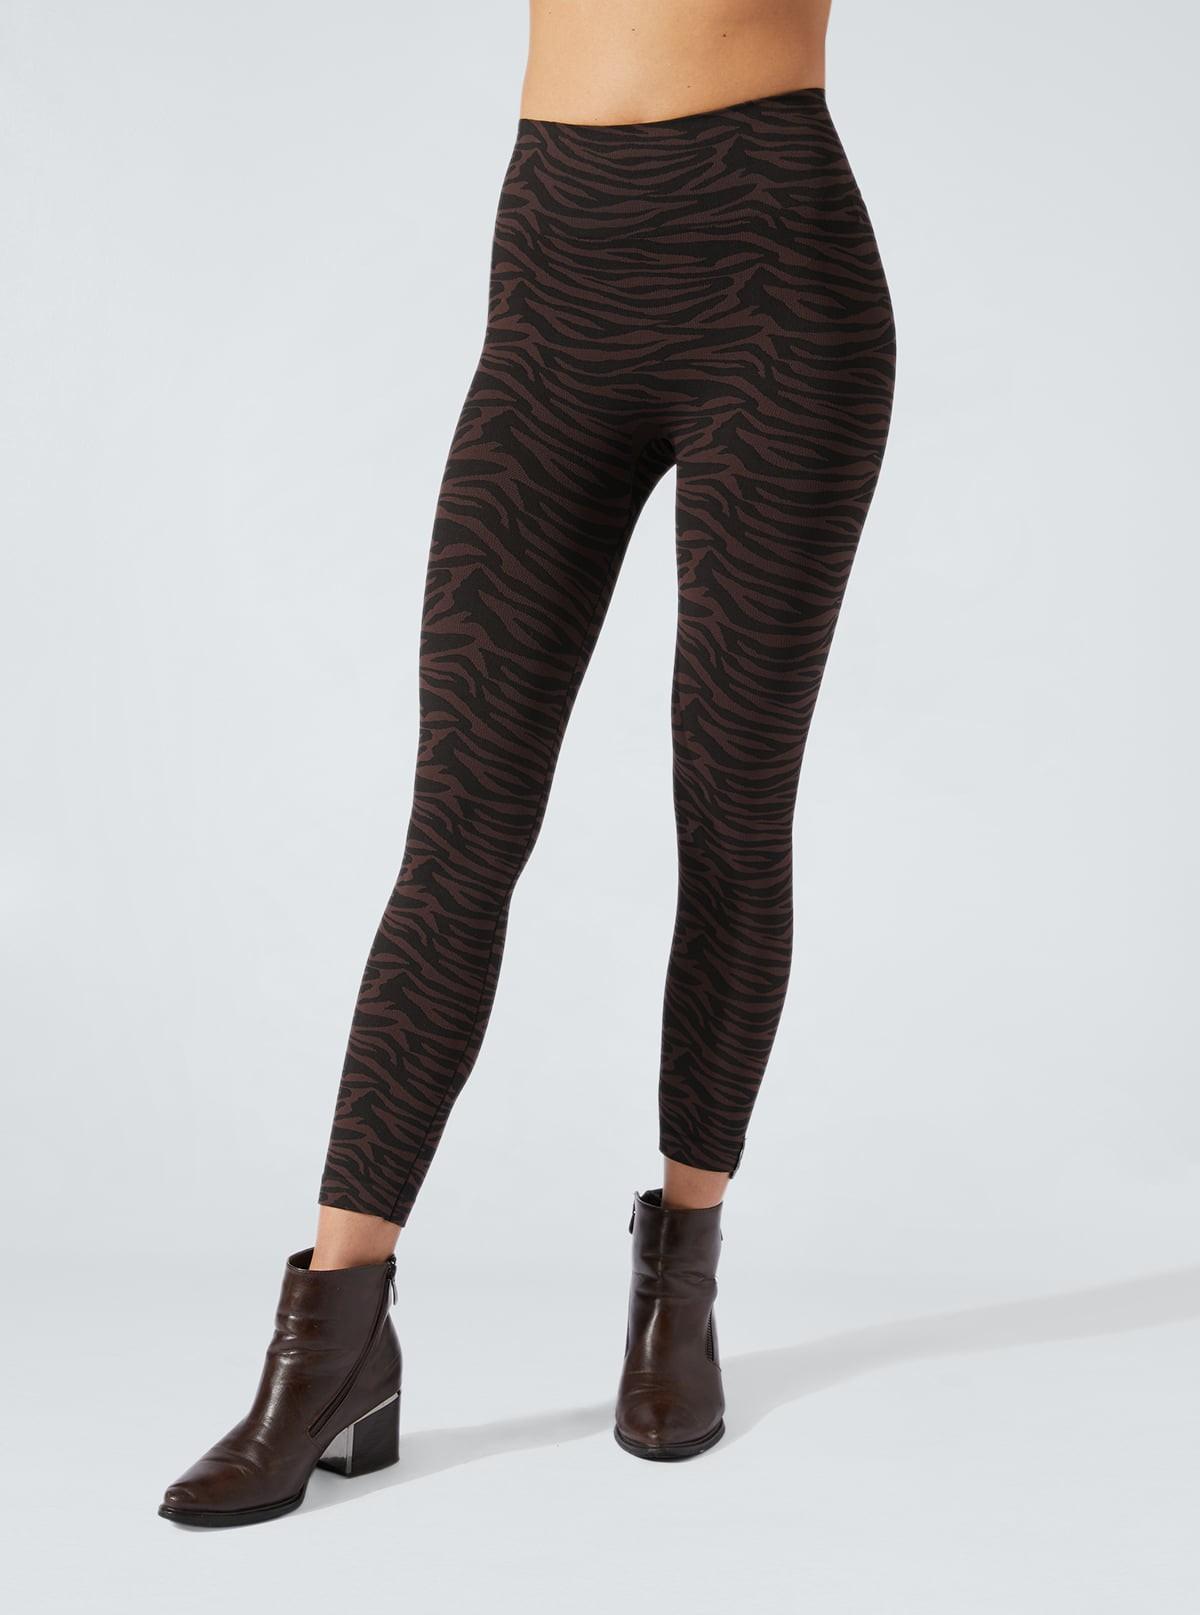 Legging Animalier Zébre noir-marron effet amincissant et hydratant